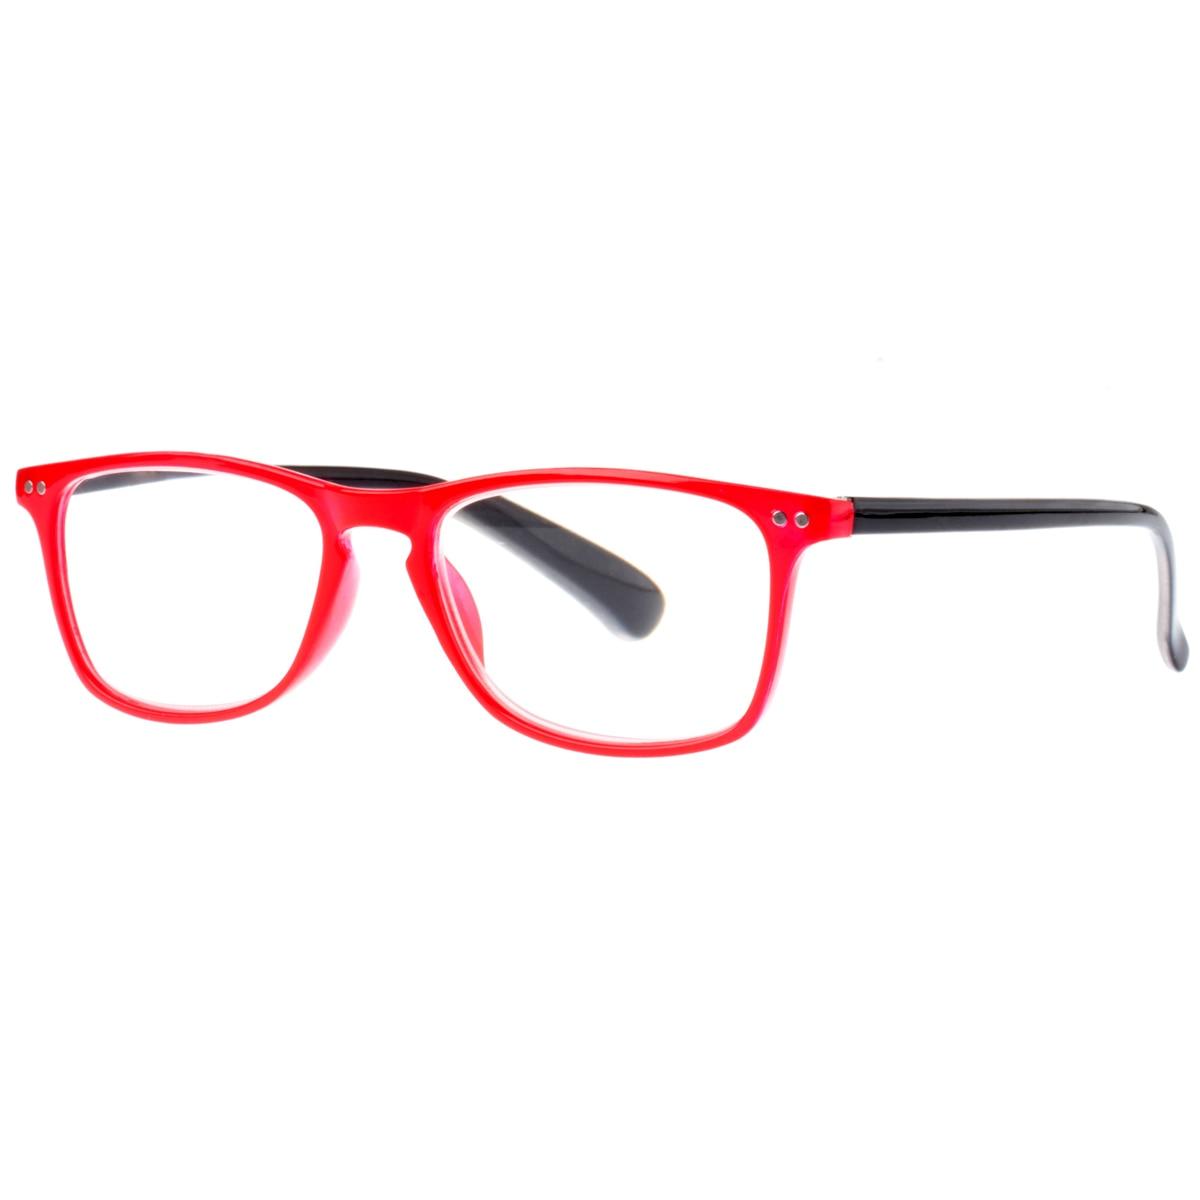 gyógyítsa a látást 1 5)